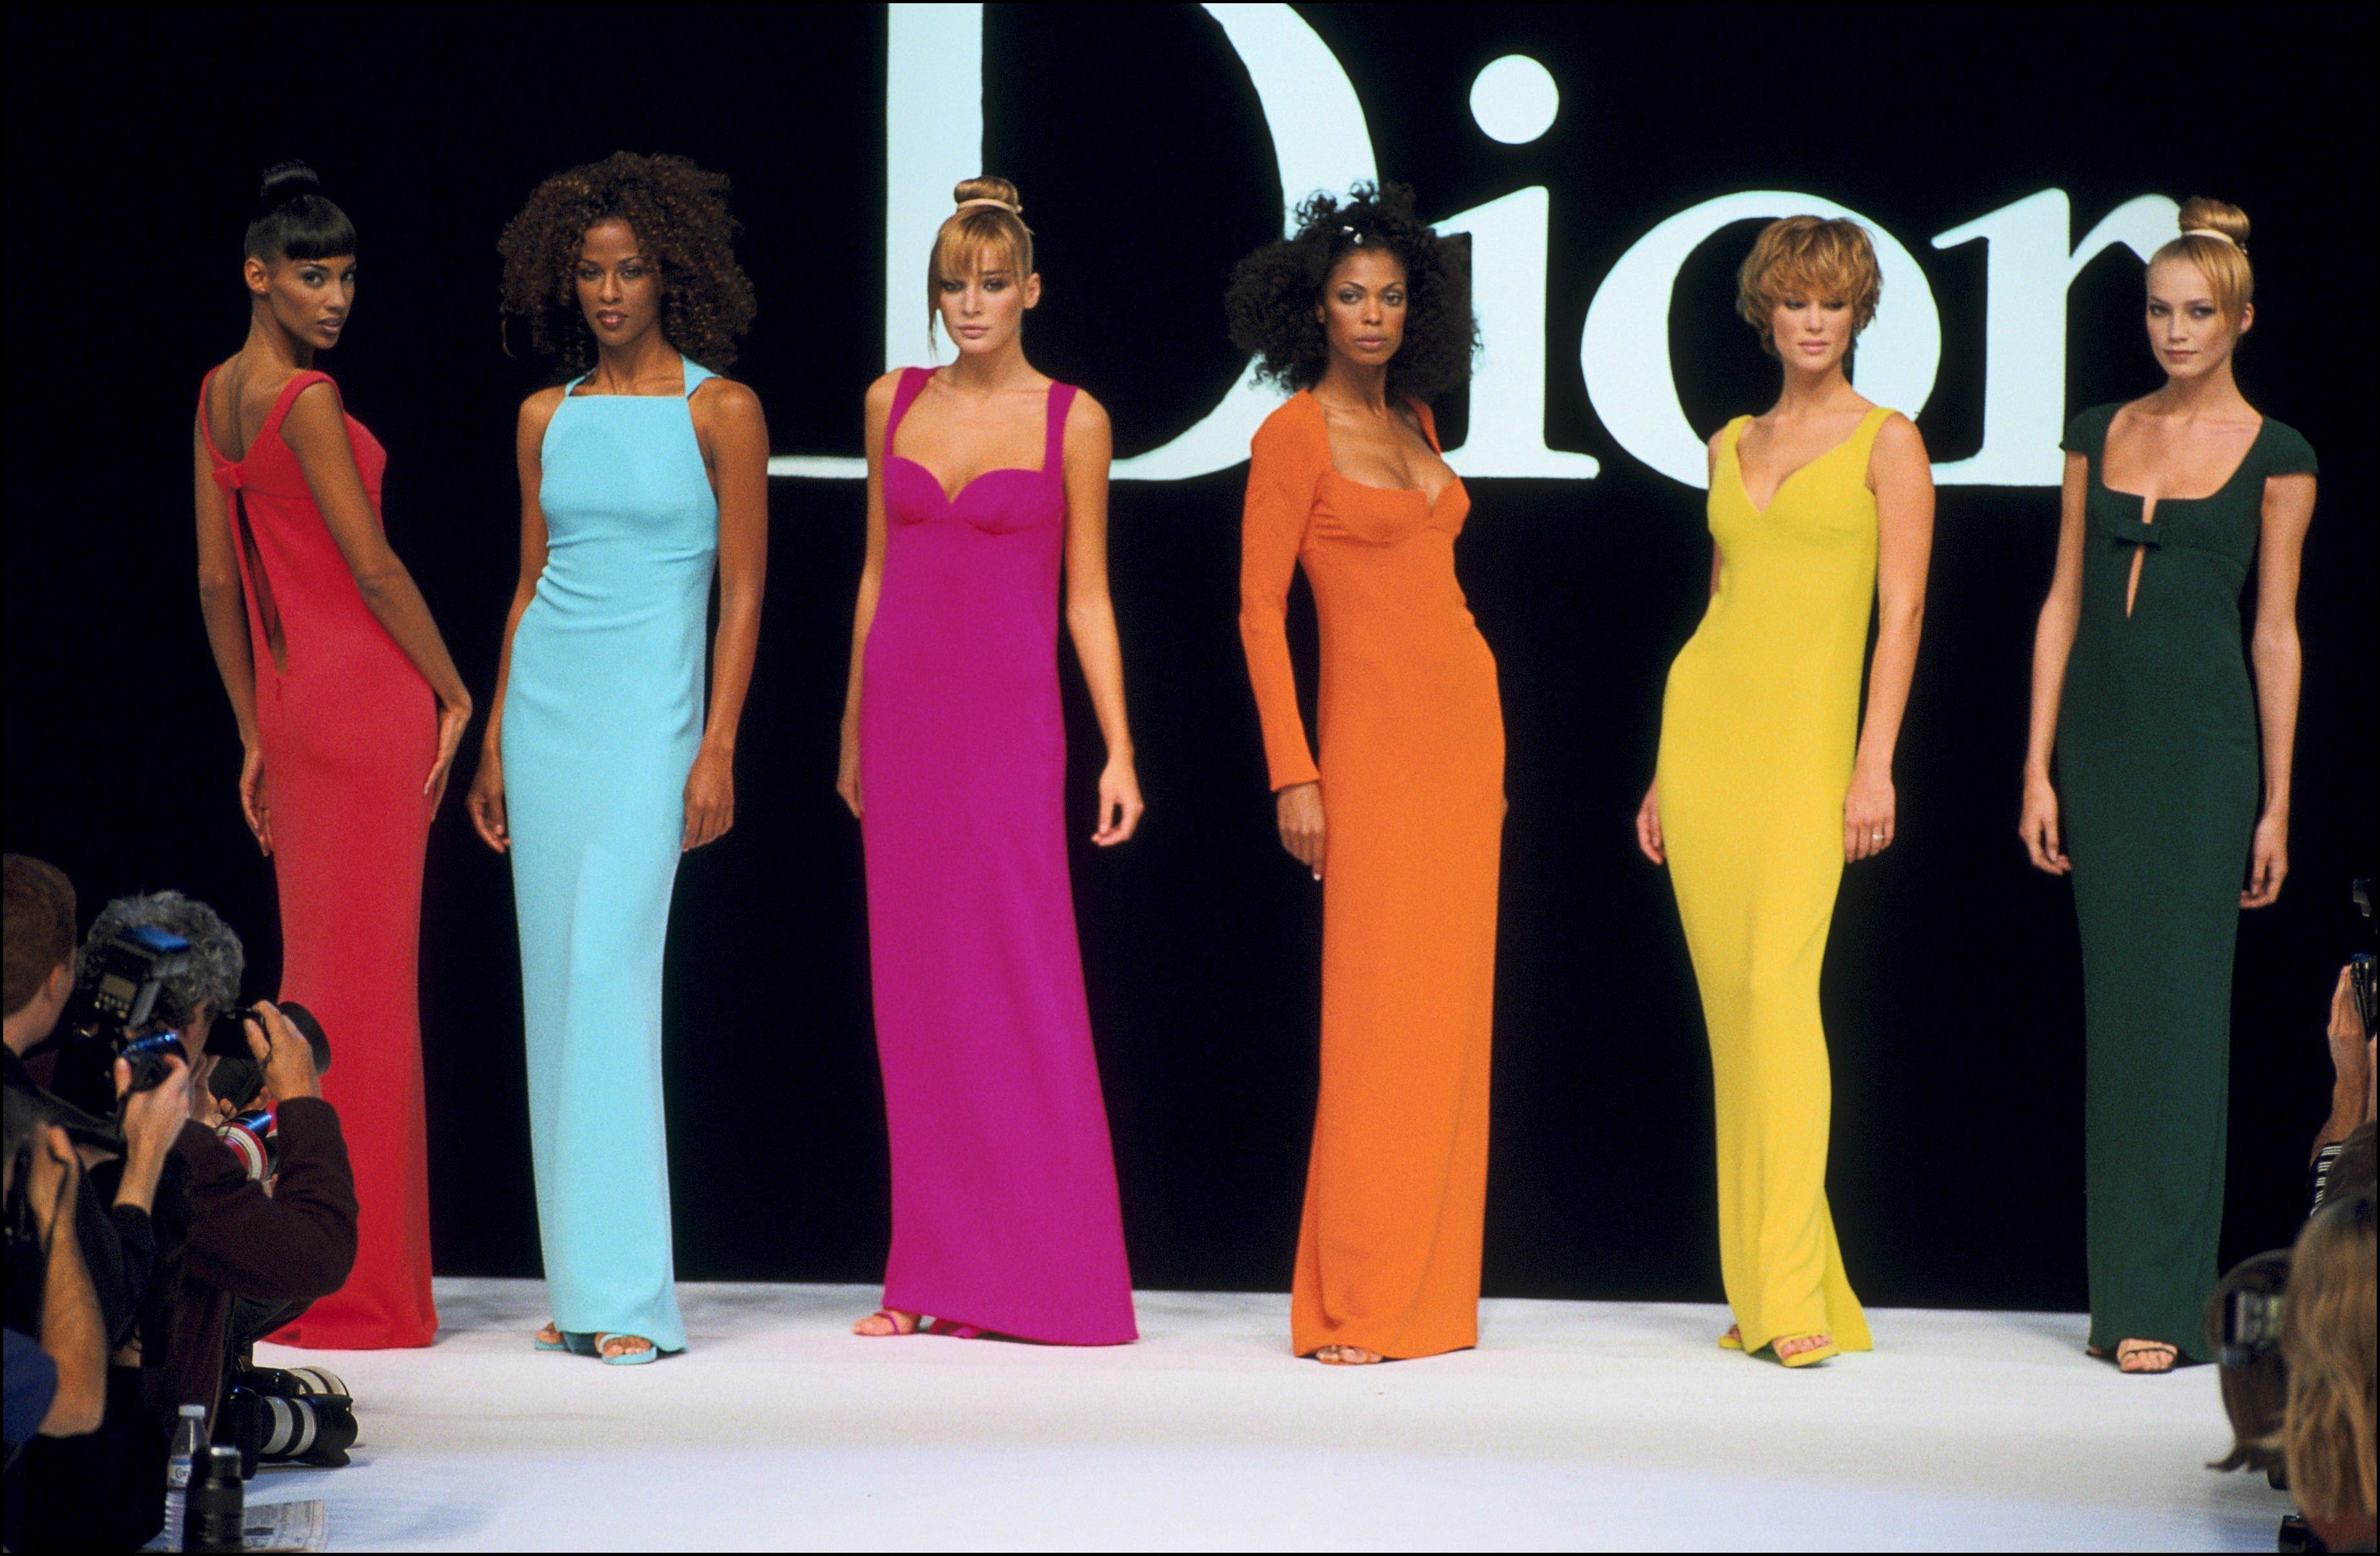 Στα άδυτα του μουσείου Dior: Γιατί το όνομα Christian Dior είναι το πιο πετυχημένο στην ιστορία της